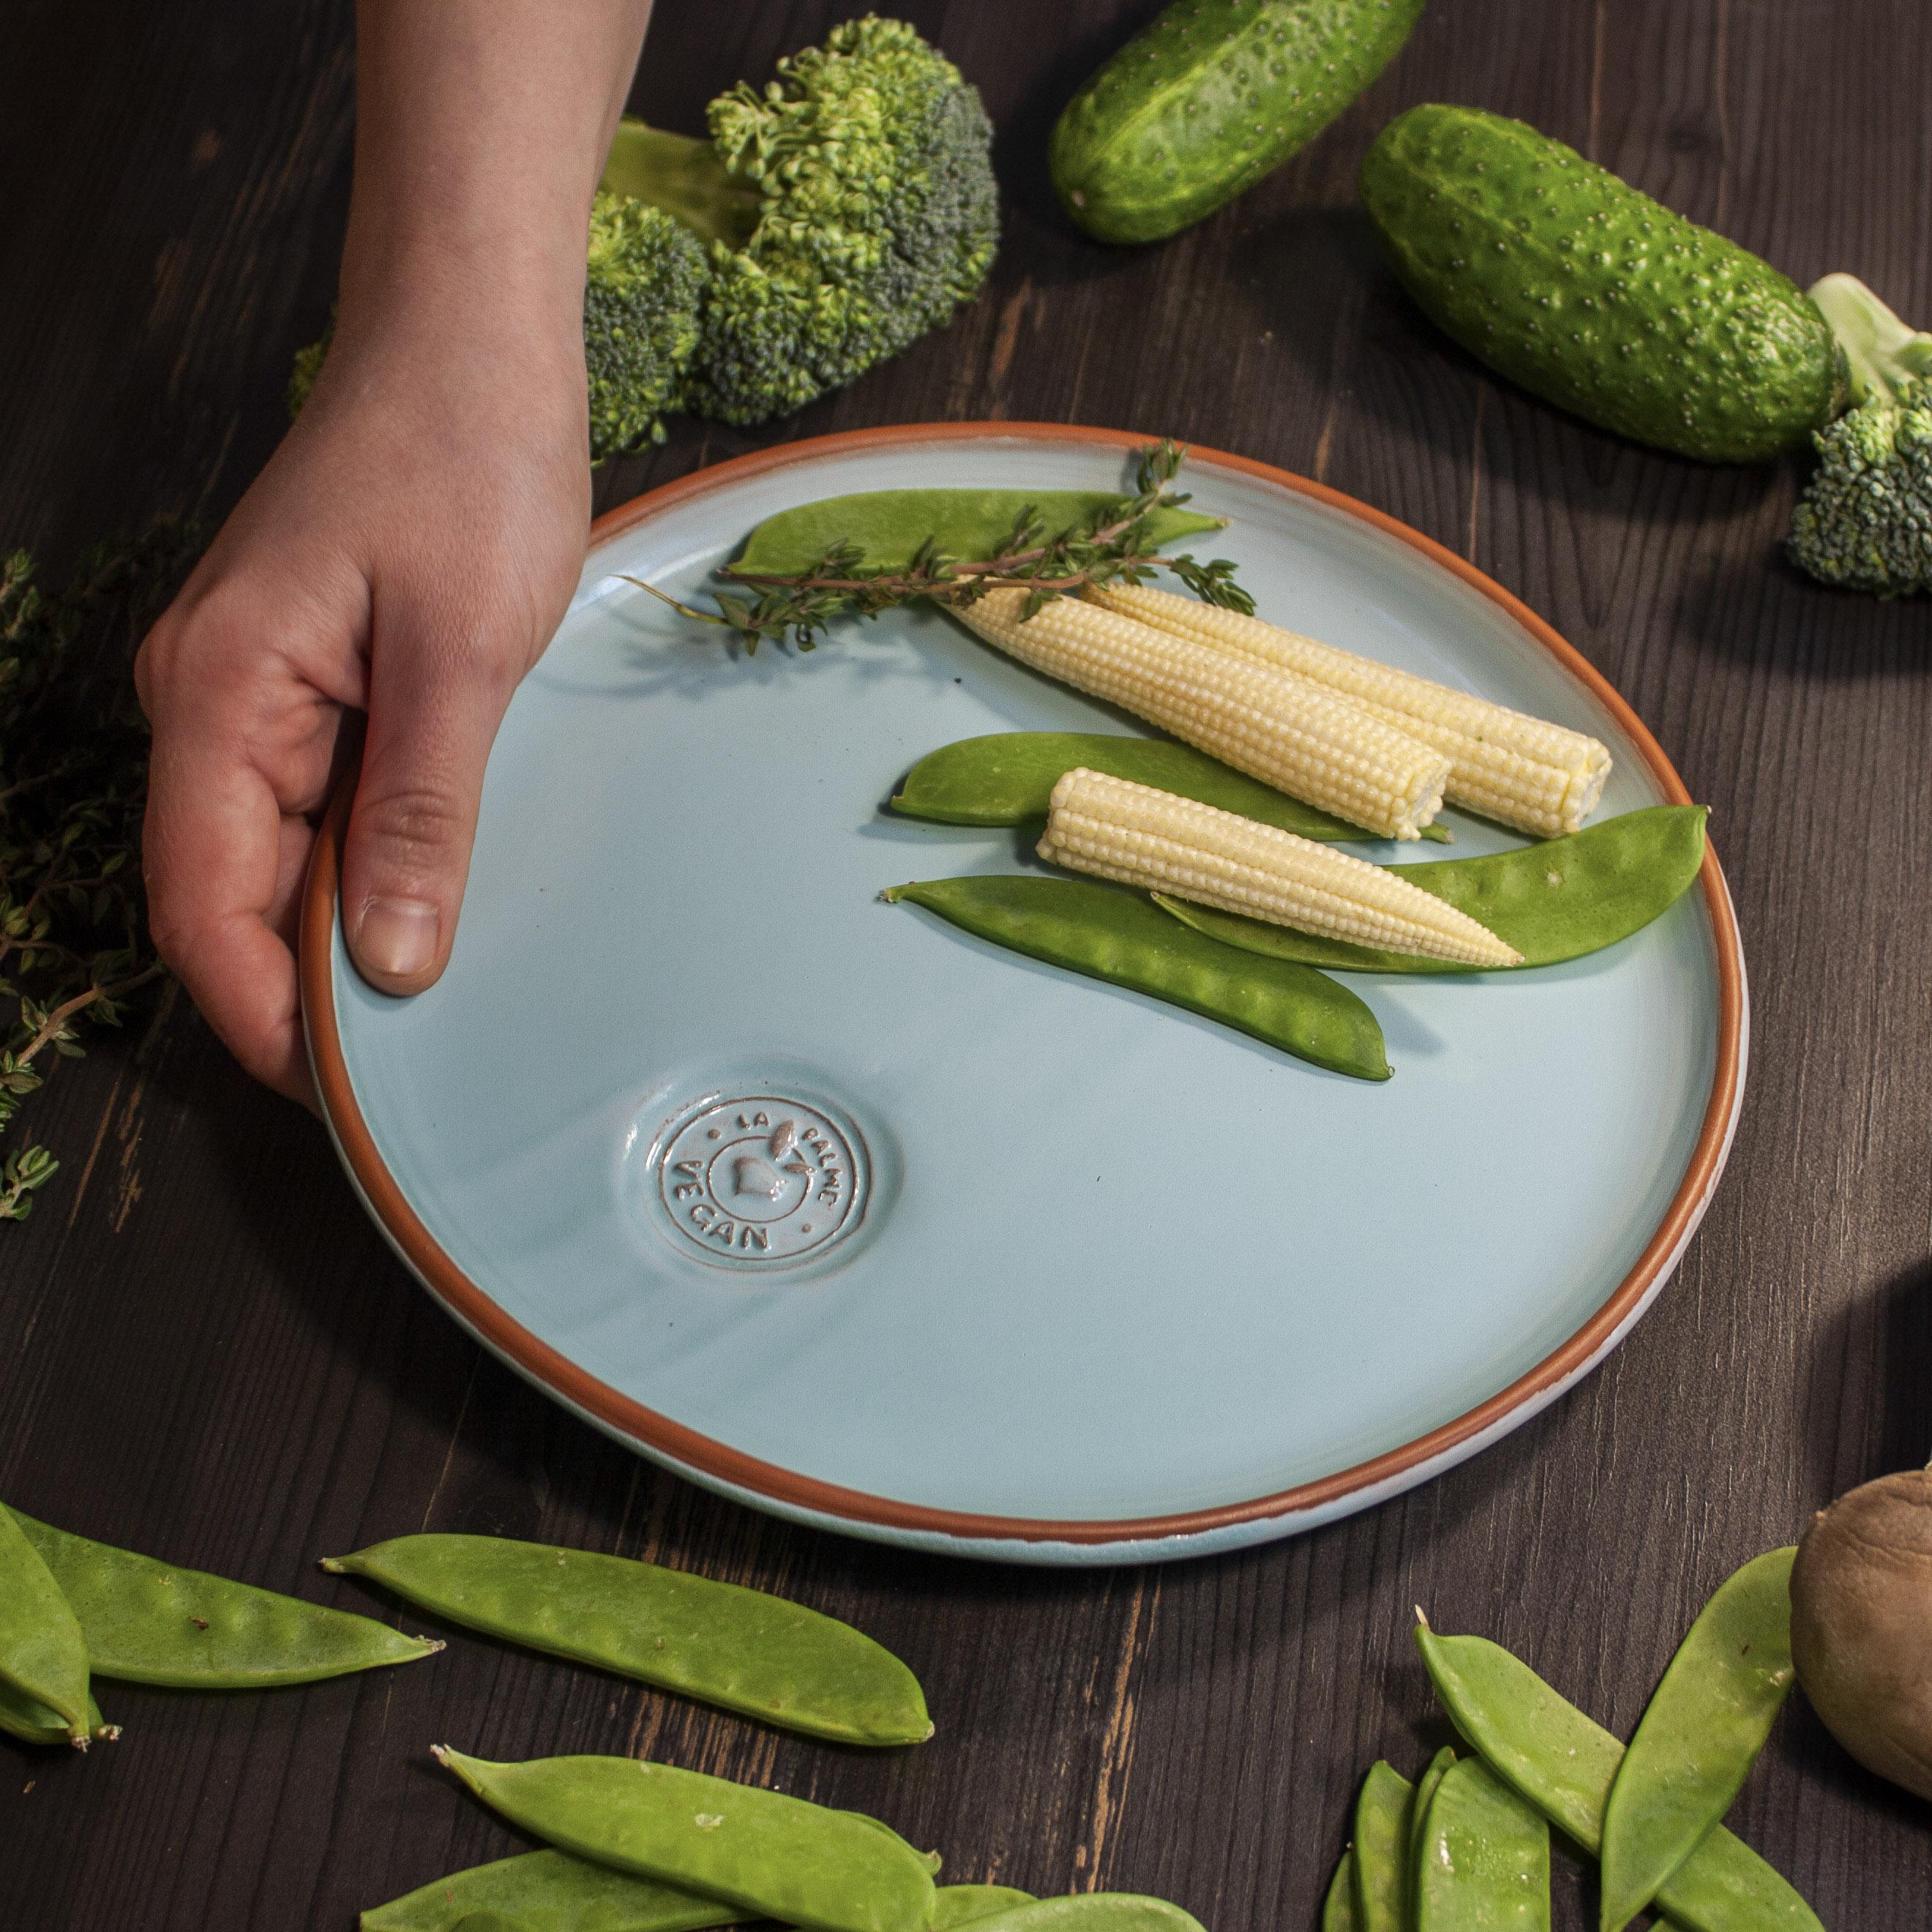 Тарелка круглая Vegan D 230